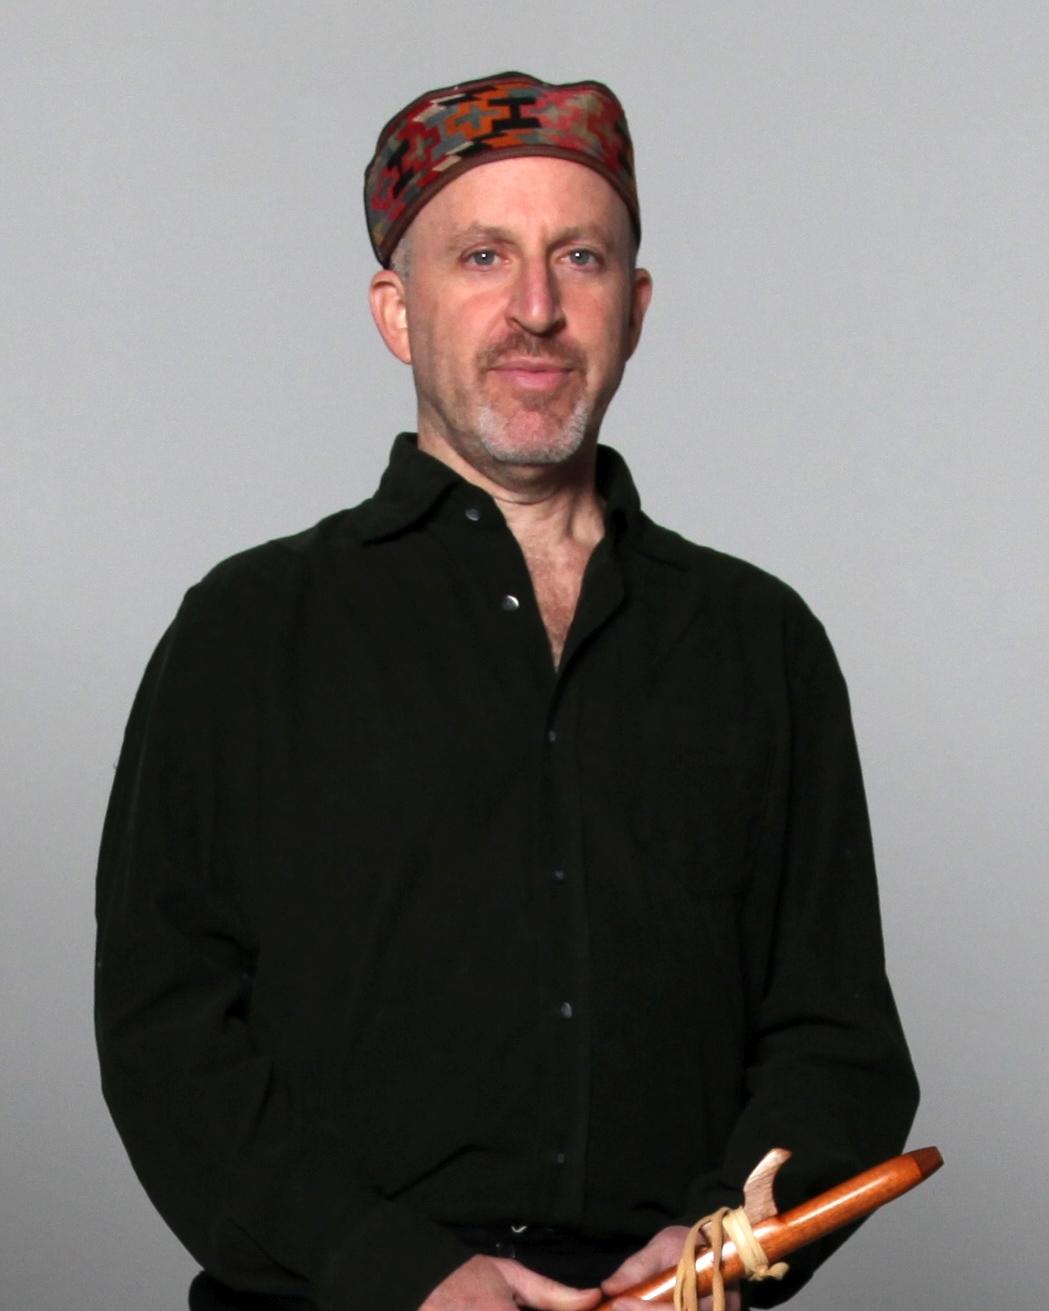 Adam Morrisson, keyboard